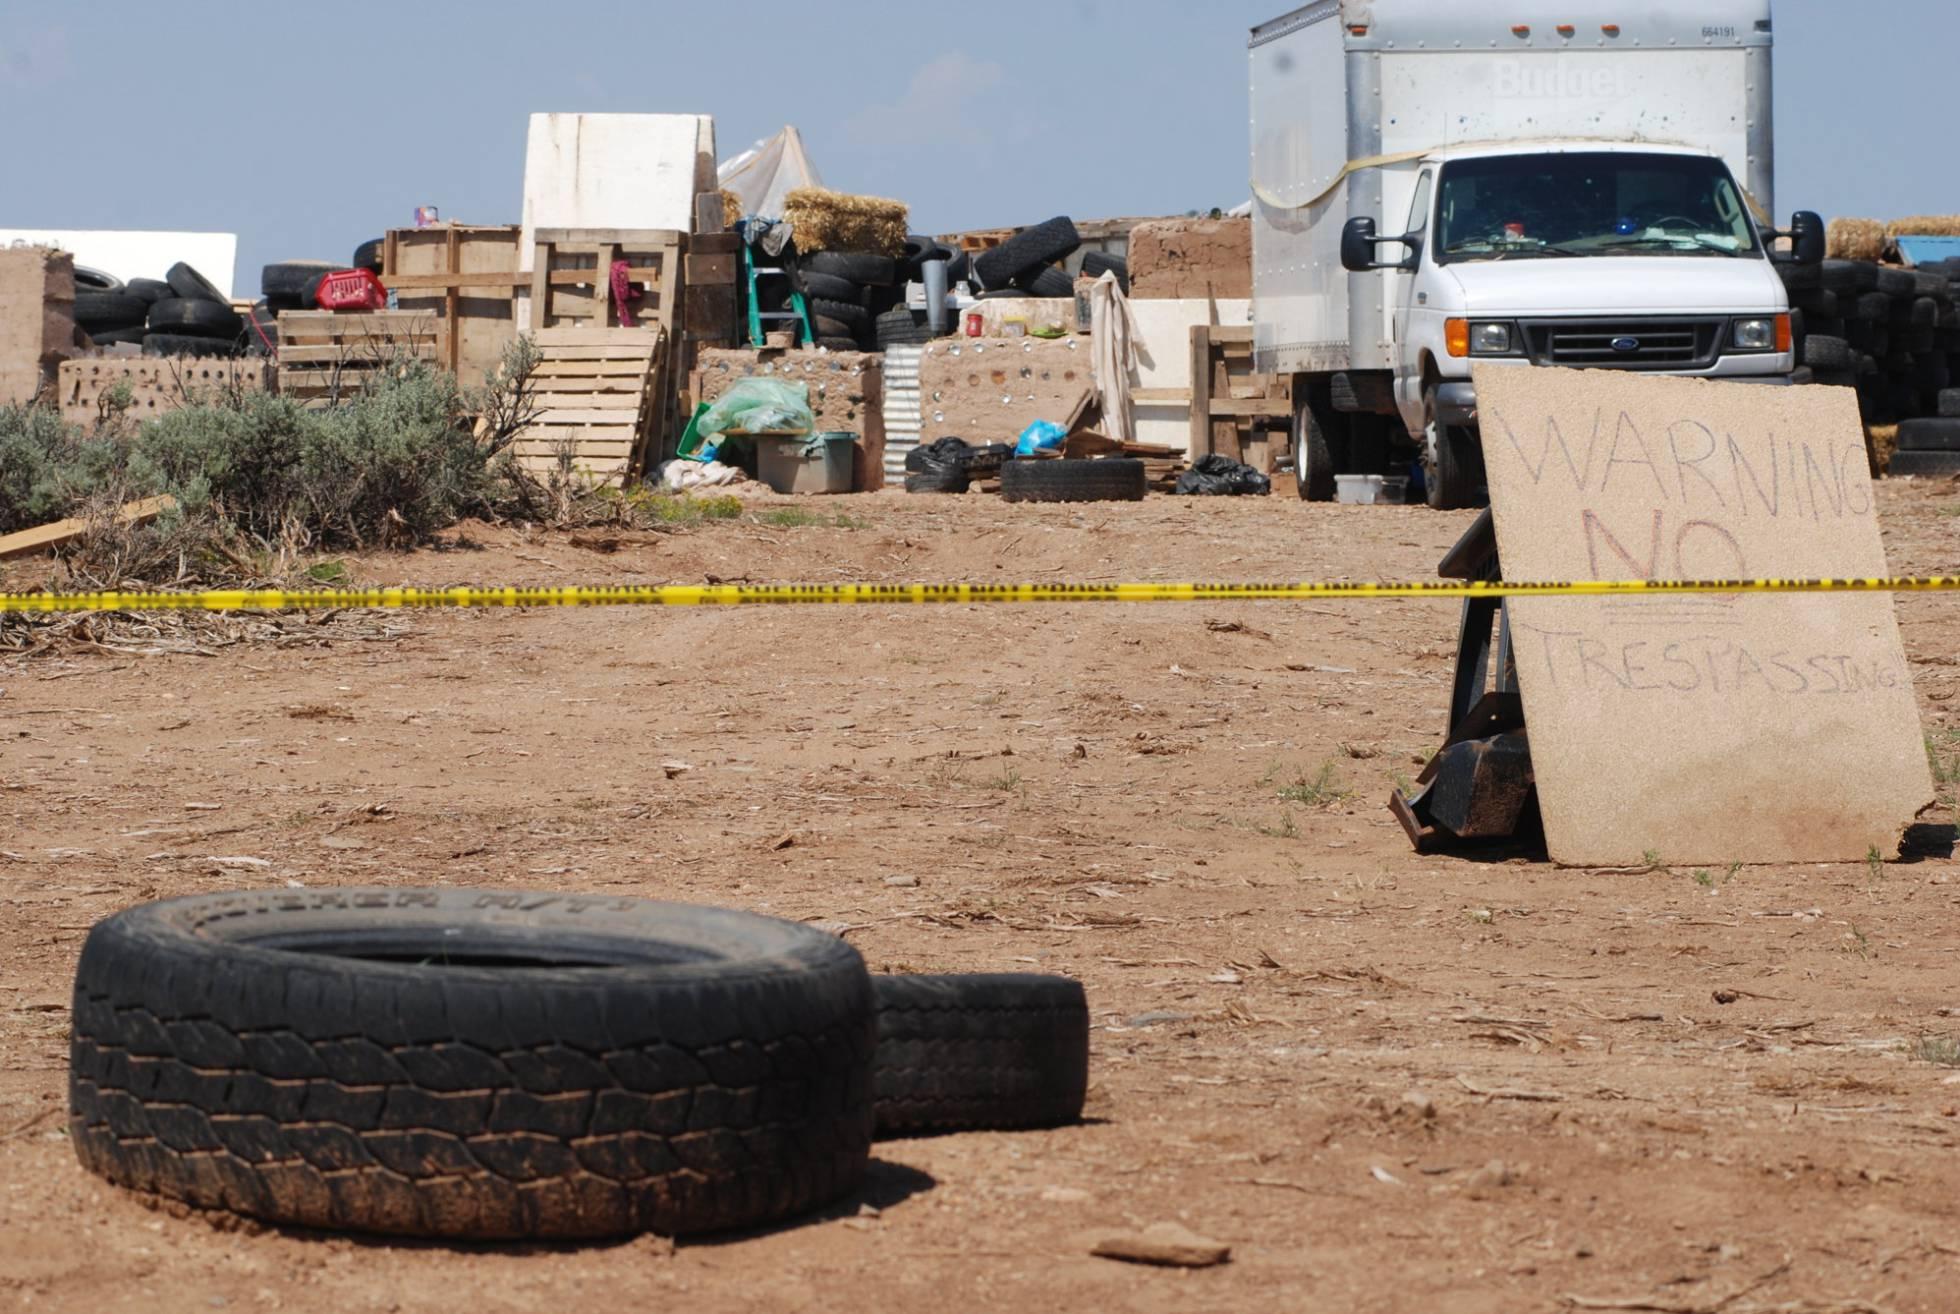 Un campamento en el desierto de Nuevo México para entrenar a niños asesinos